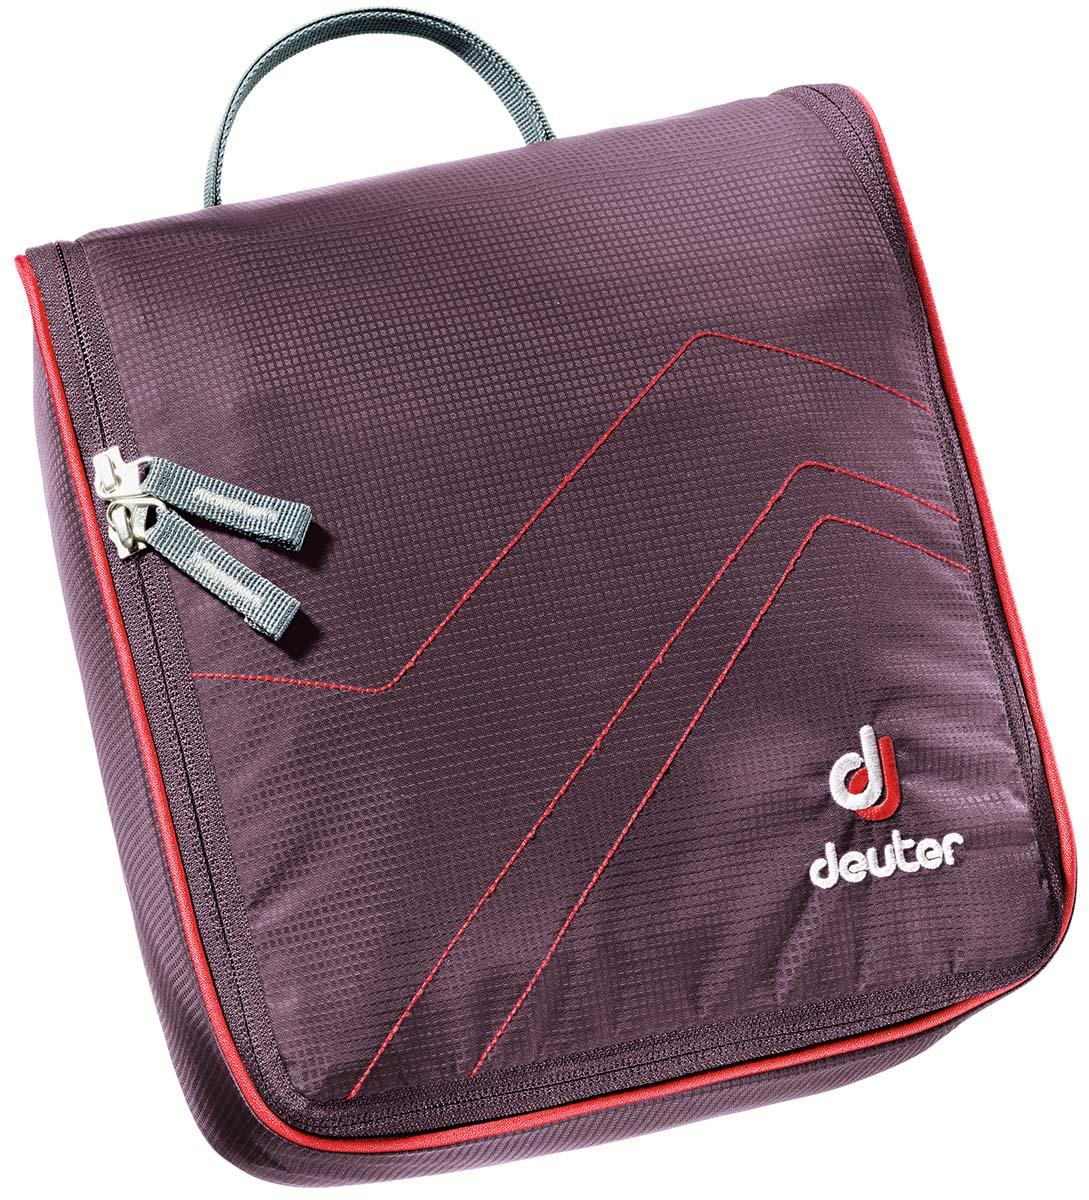 Косметичка Deuter Wash Bag II, цвет: фиолетовый, красный39434_5522Многоцелевая сумка для мыла со щеткой, крема от загара и пр.